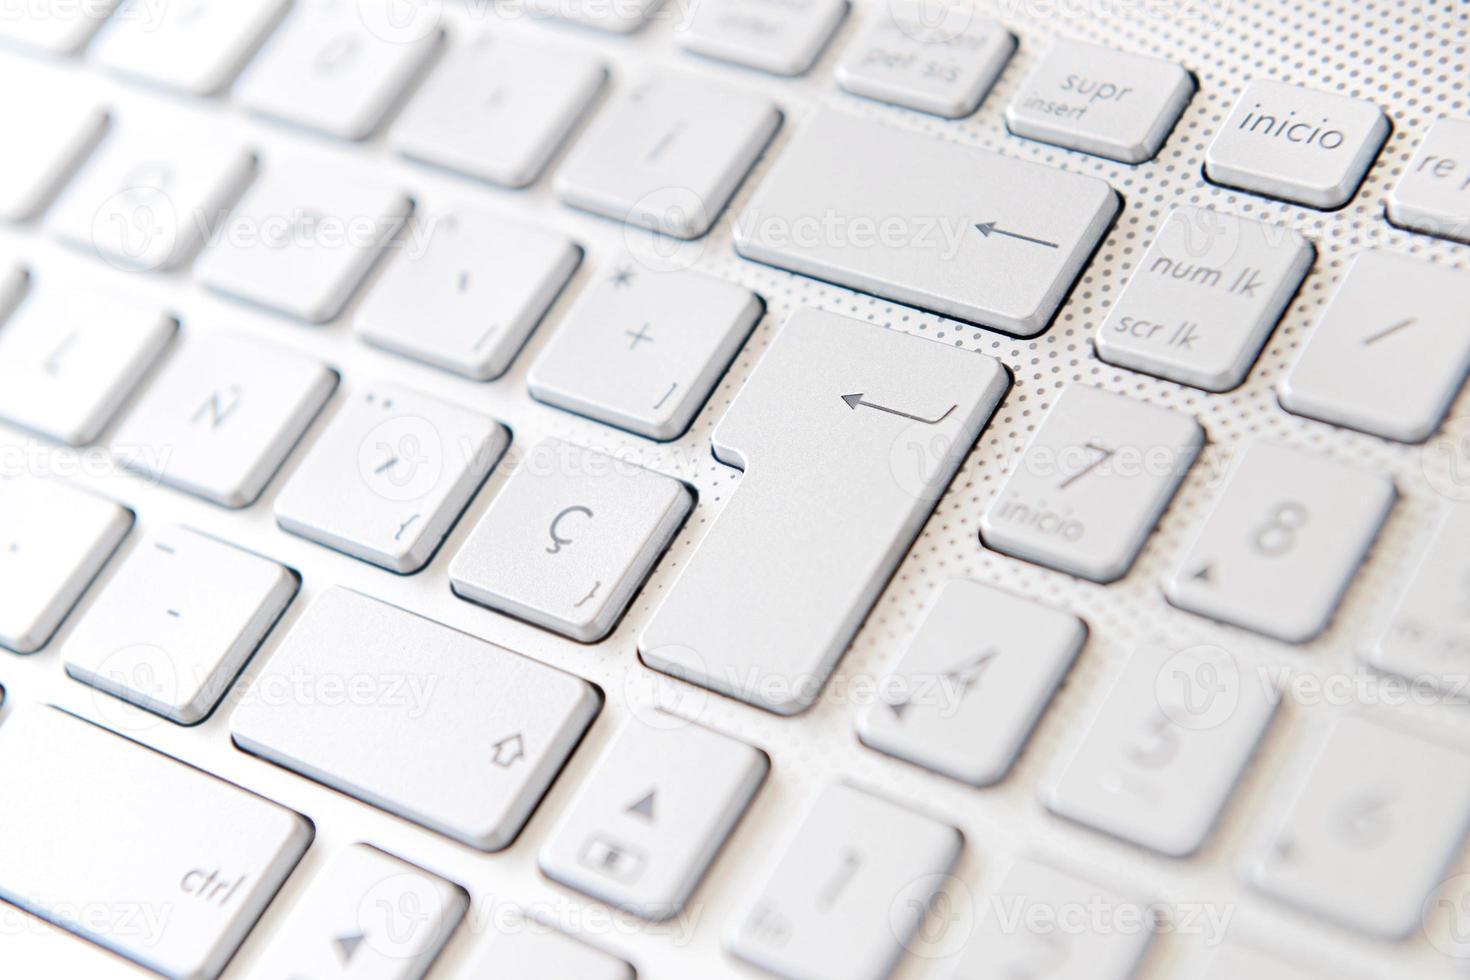 clavier d'ordinateur pc photo